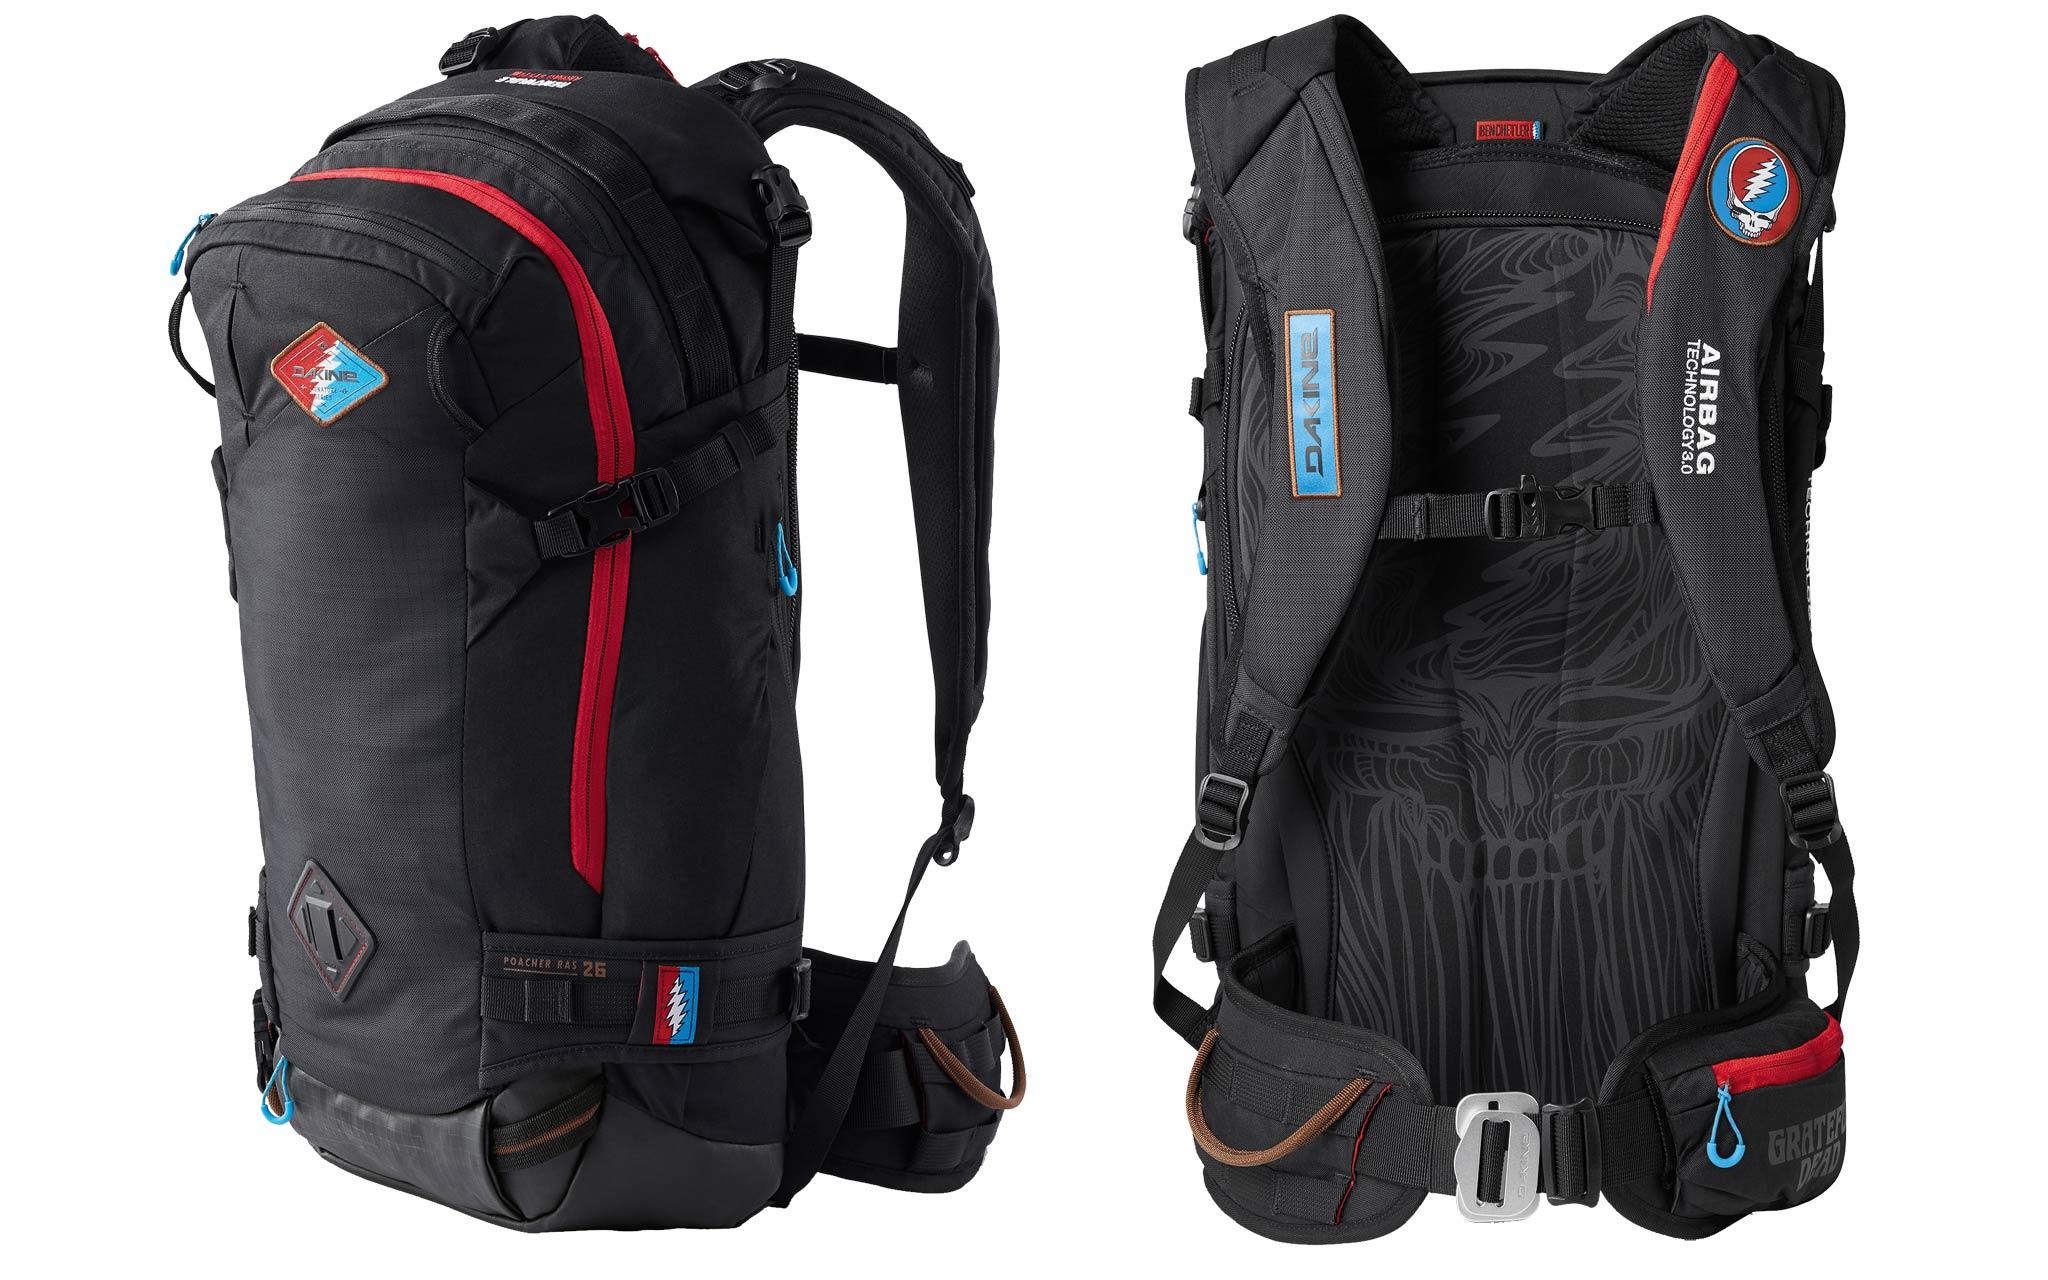 Dakine 2019/2020 - Team Poacher R.A.S. 26L: Das Hauptfach und die große Seitentasche verfügen über praktische Reißverschlüsse und helfen dir, dein Skigepäck perfekt zu organisieren und zu transportieren. Dabei sorgen die schmale Passform des Rucksacks und die verstellbaren Schulterträger für den nötigen Tragekomfort.